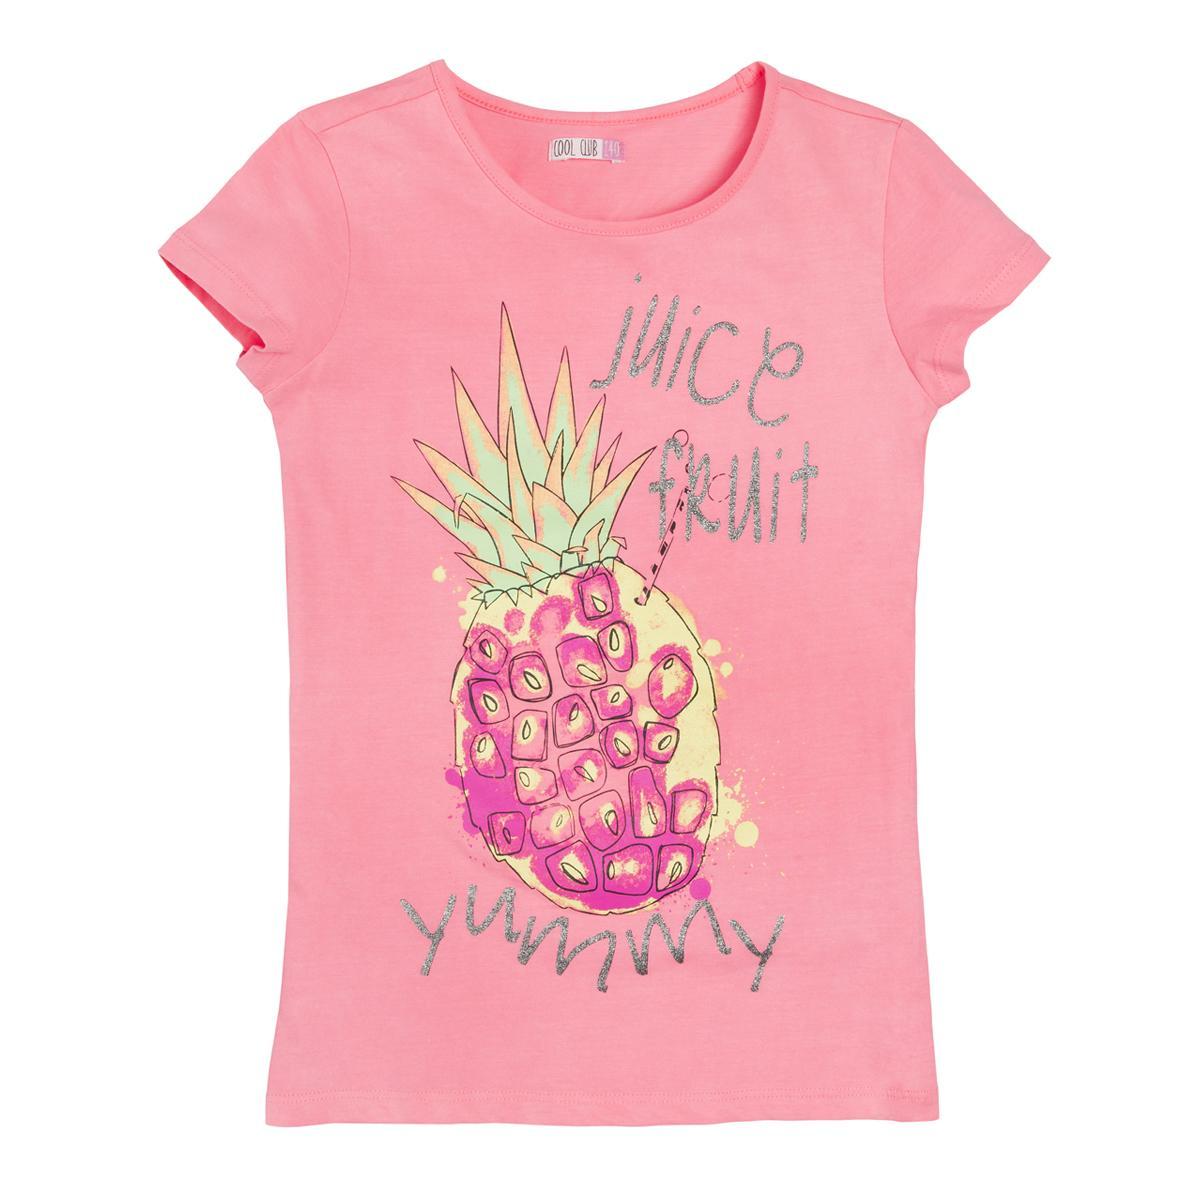 COOL CLUB T-Shirt